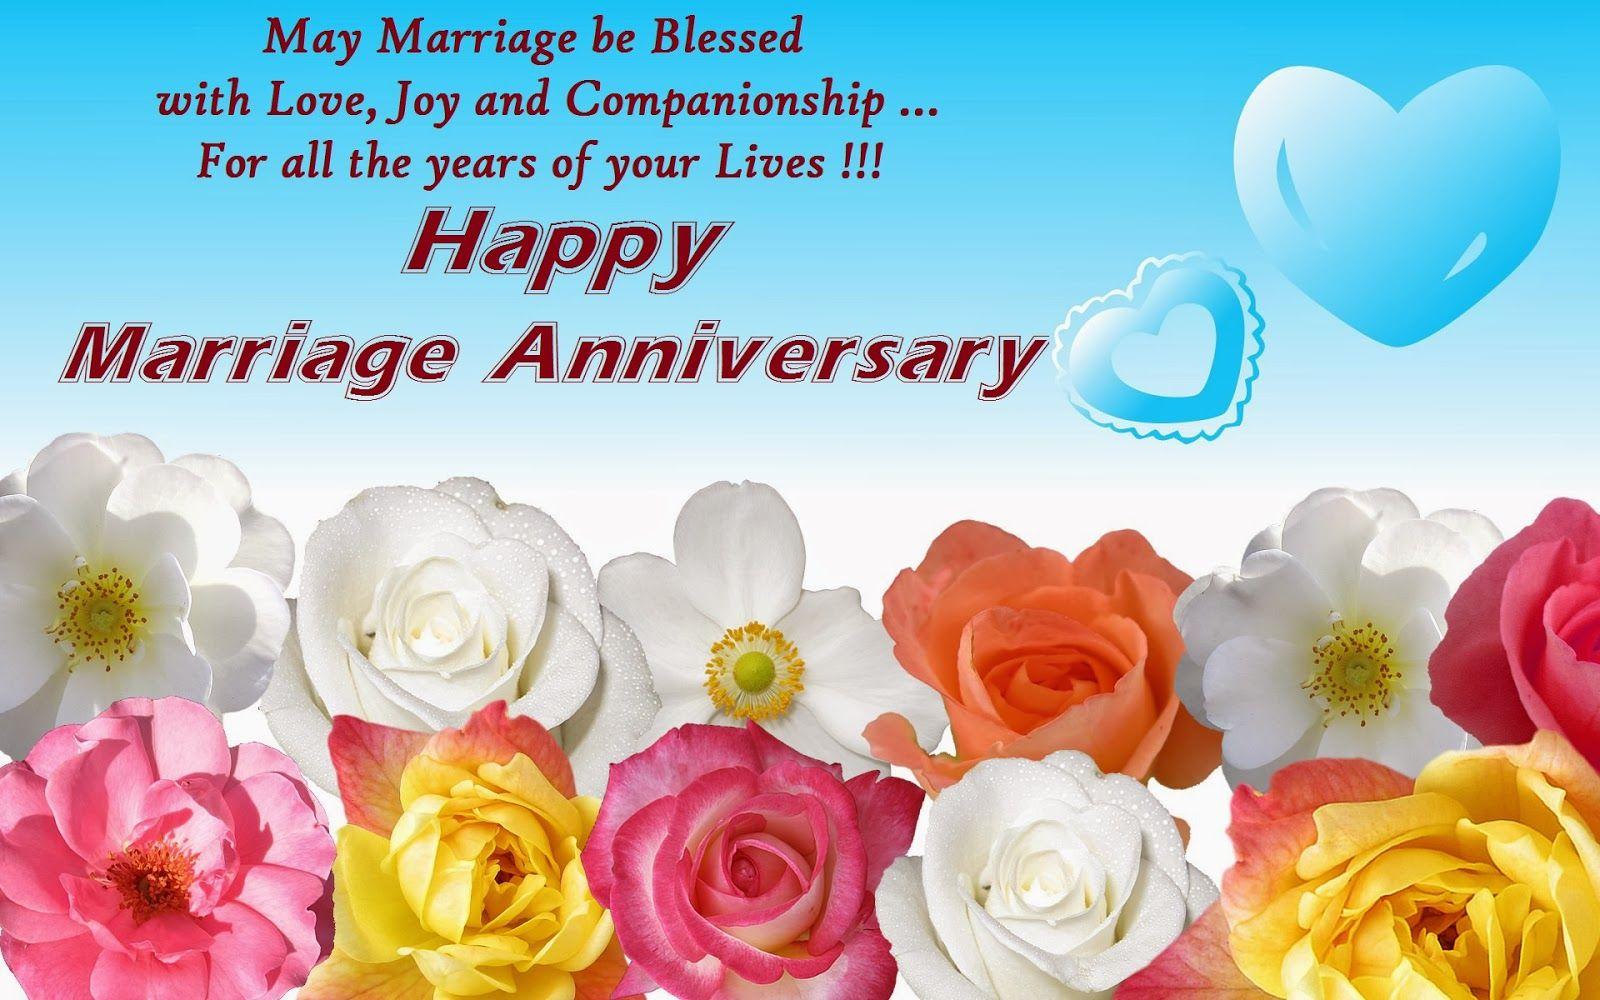 Romantic Wedding Anniversary Wishes Wedding Anniversary